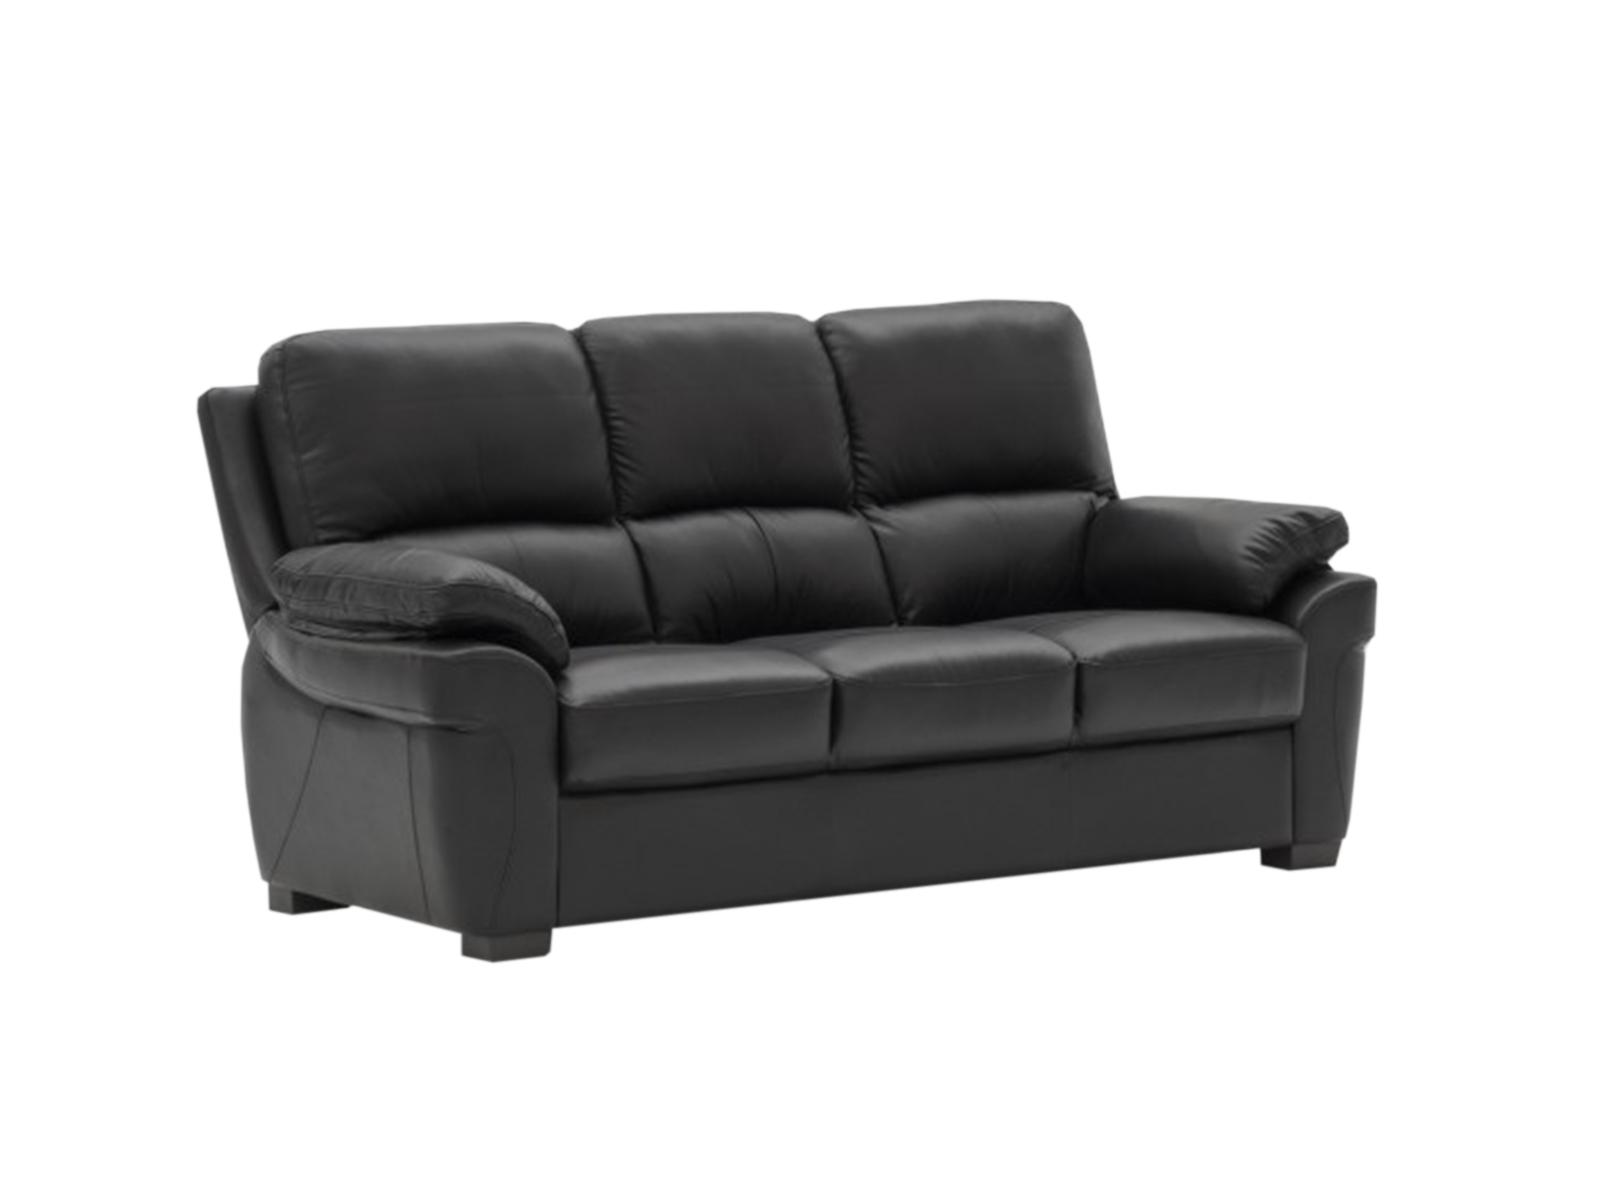 Canapea fixa 3 locuri Monzano Black